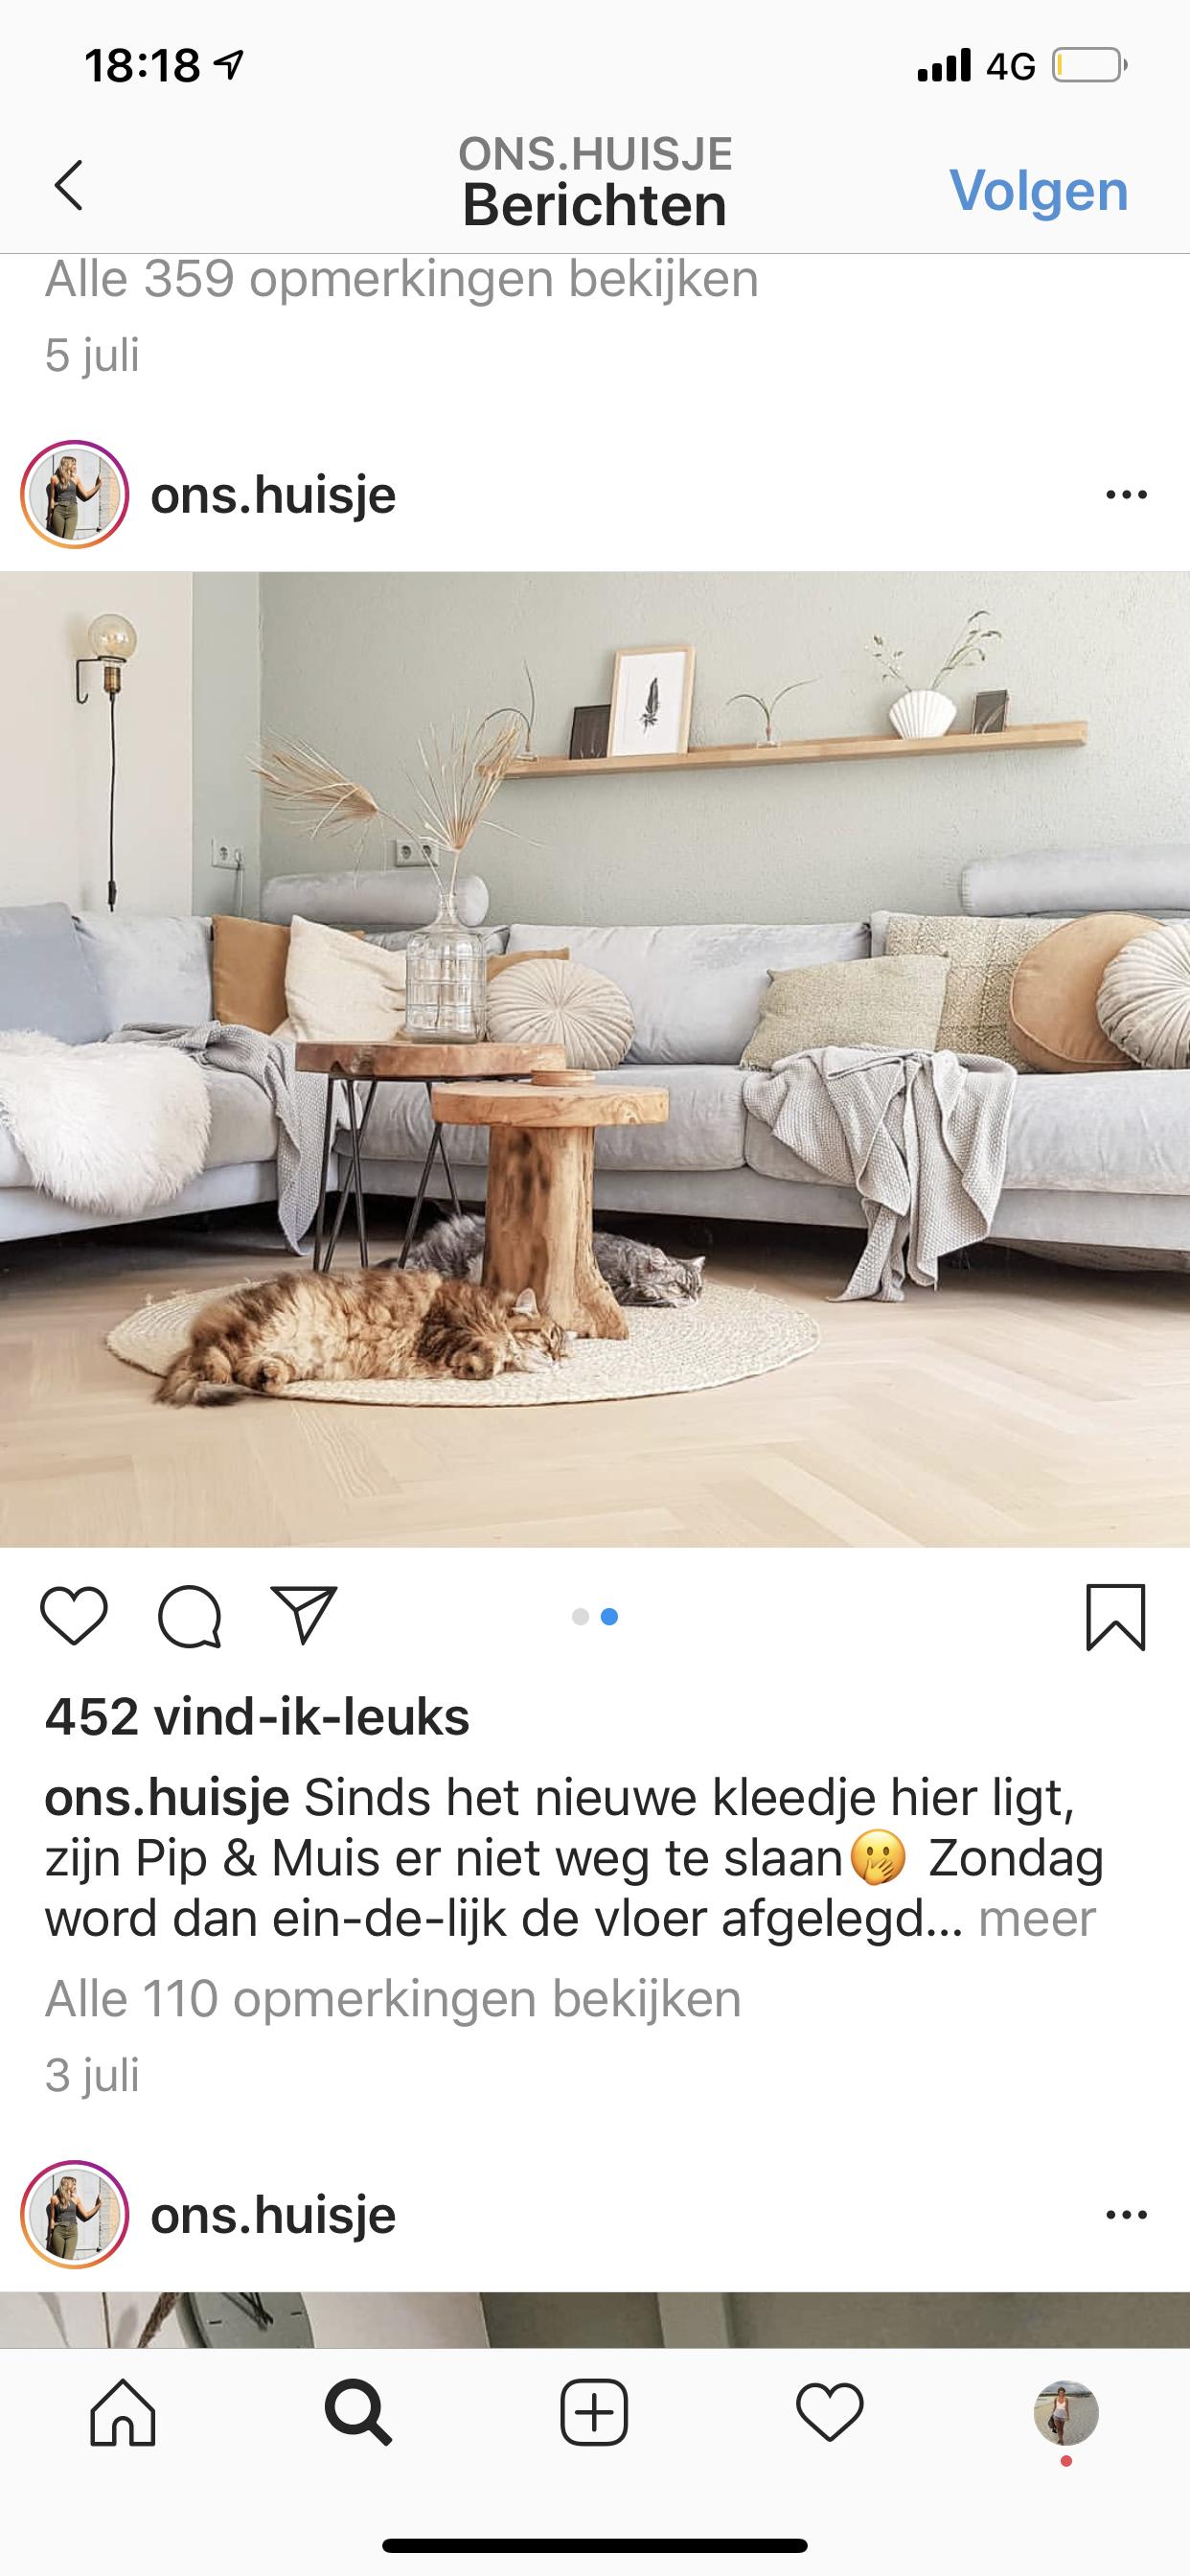 Pin Van Vanessa Van Den Bergh Op Definitief Nieuw Huis In 2020 Huis [ 2688 x 1242 Pixel ]